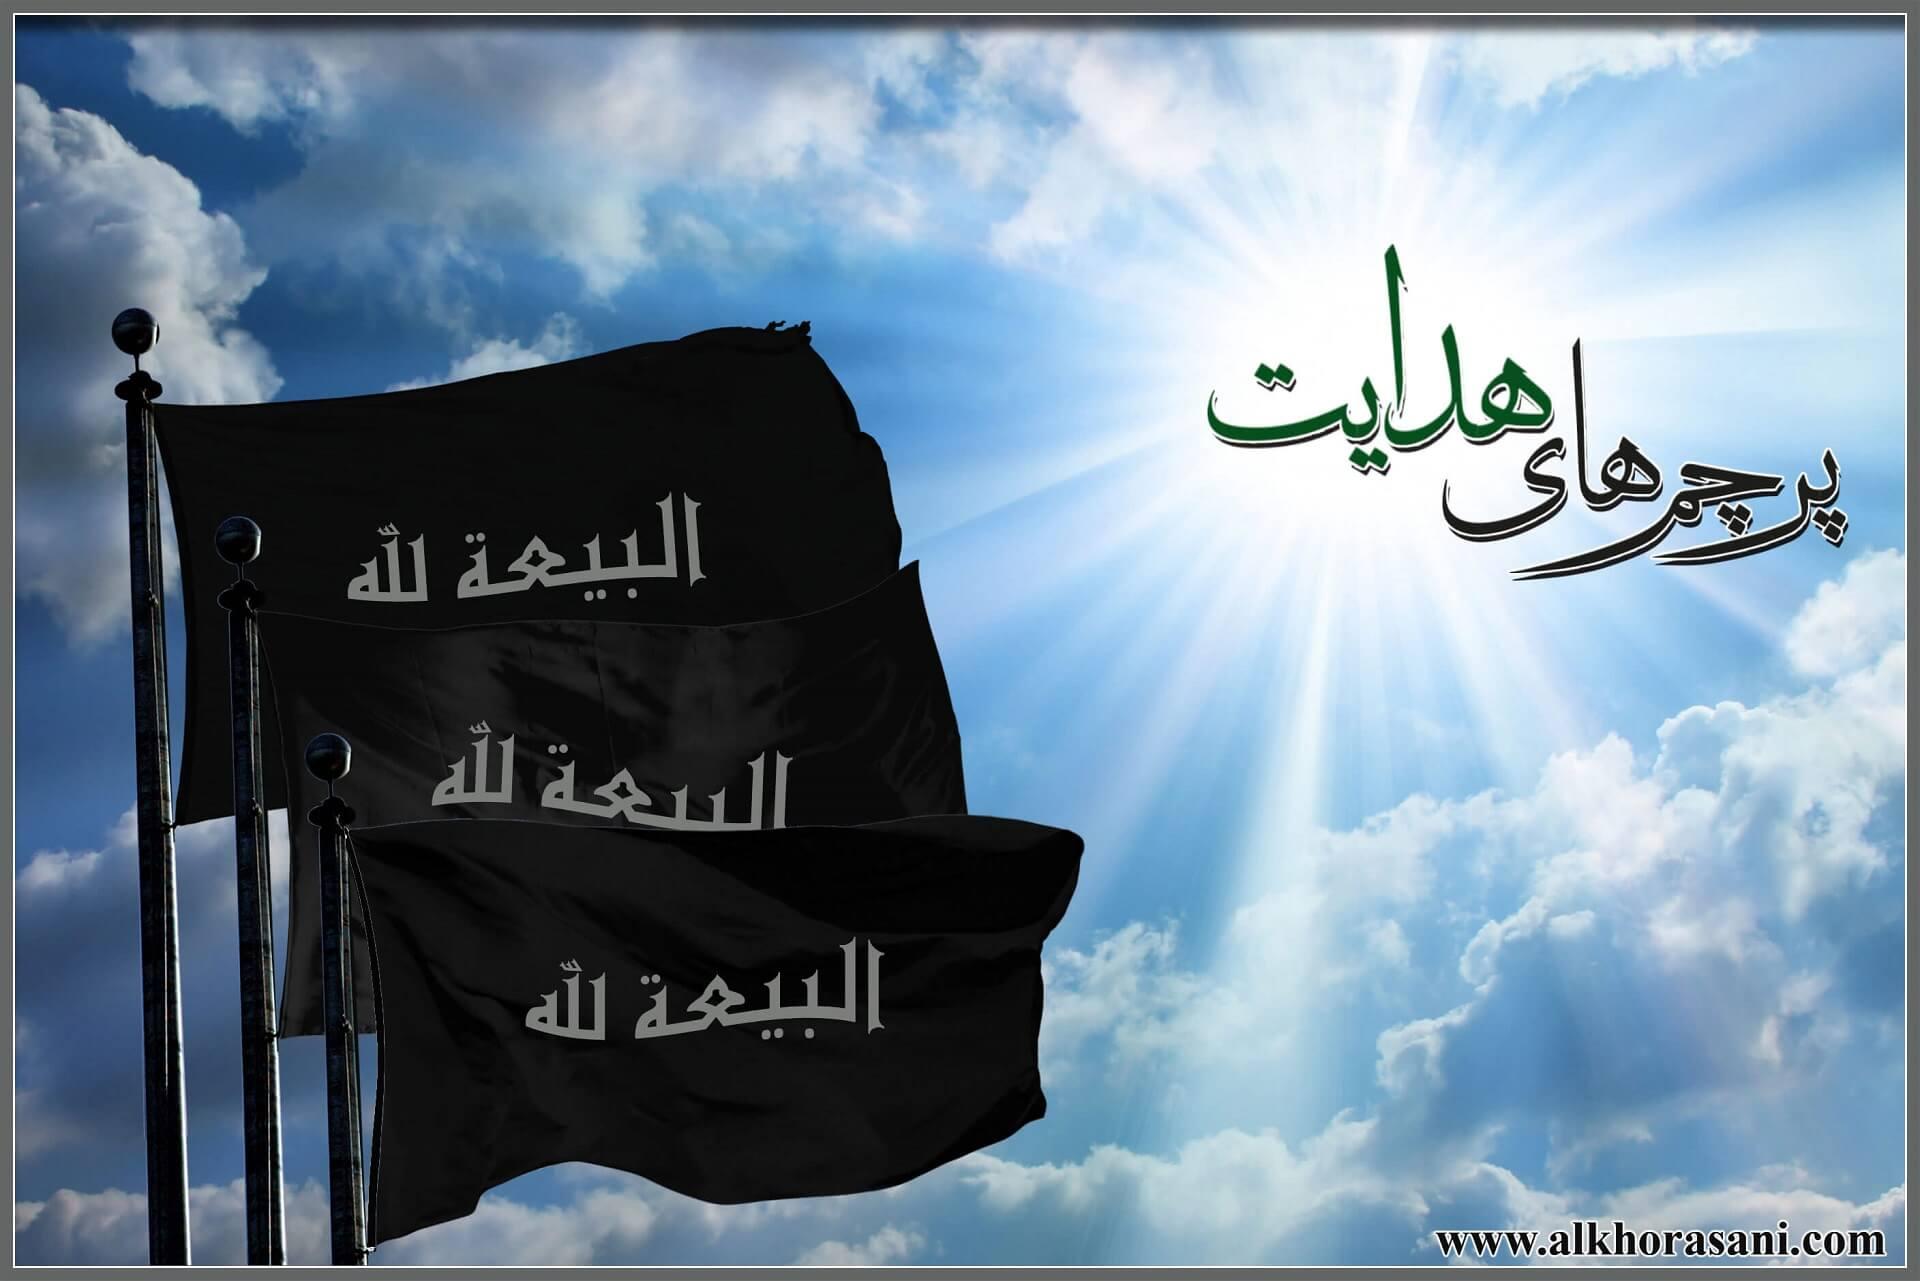 پرچمهای هدایت البیعة لله